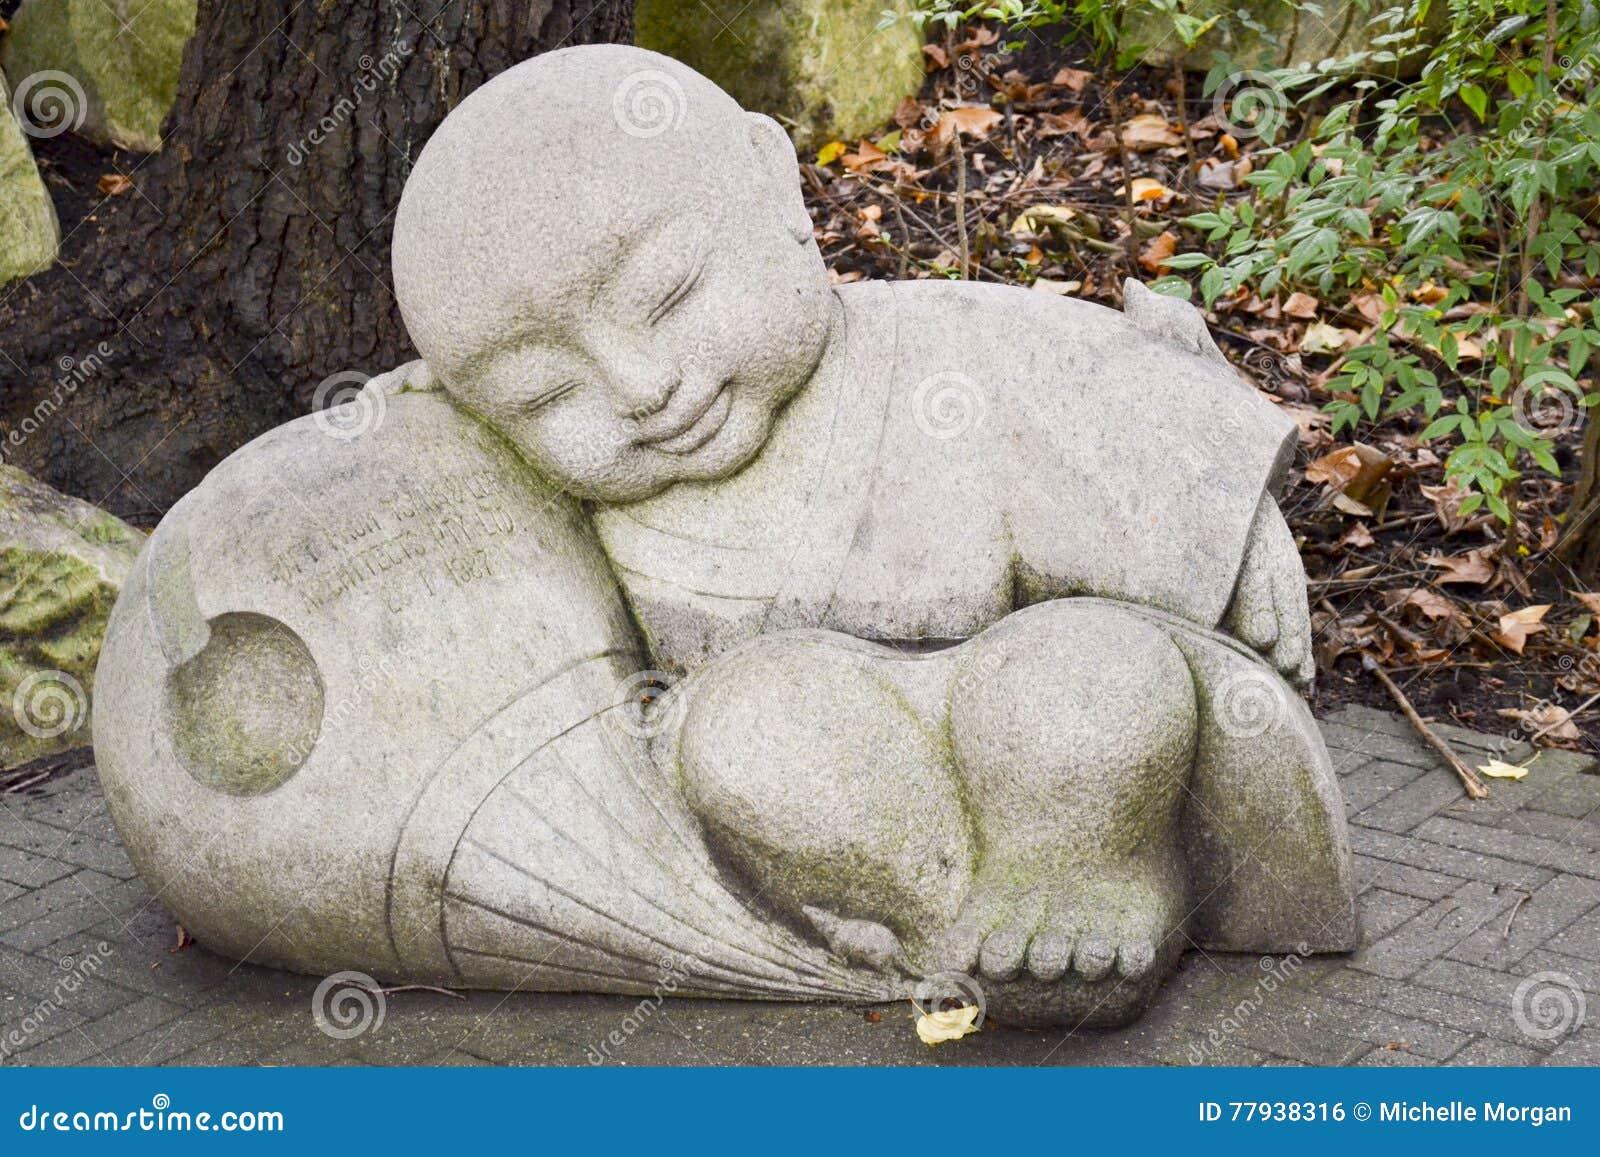 Маленький Будда, китайский сад приятельства, гавань милочки, Сидней, Новый Уэльс, Австралия